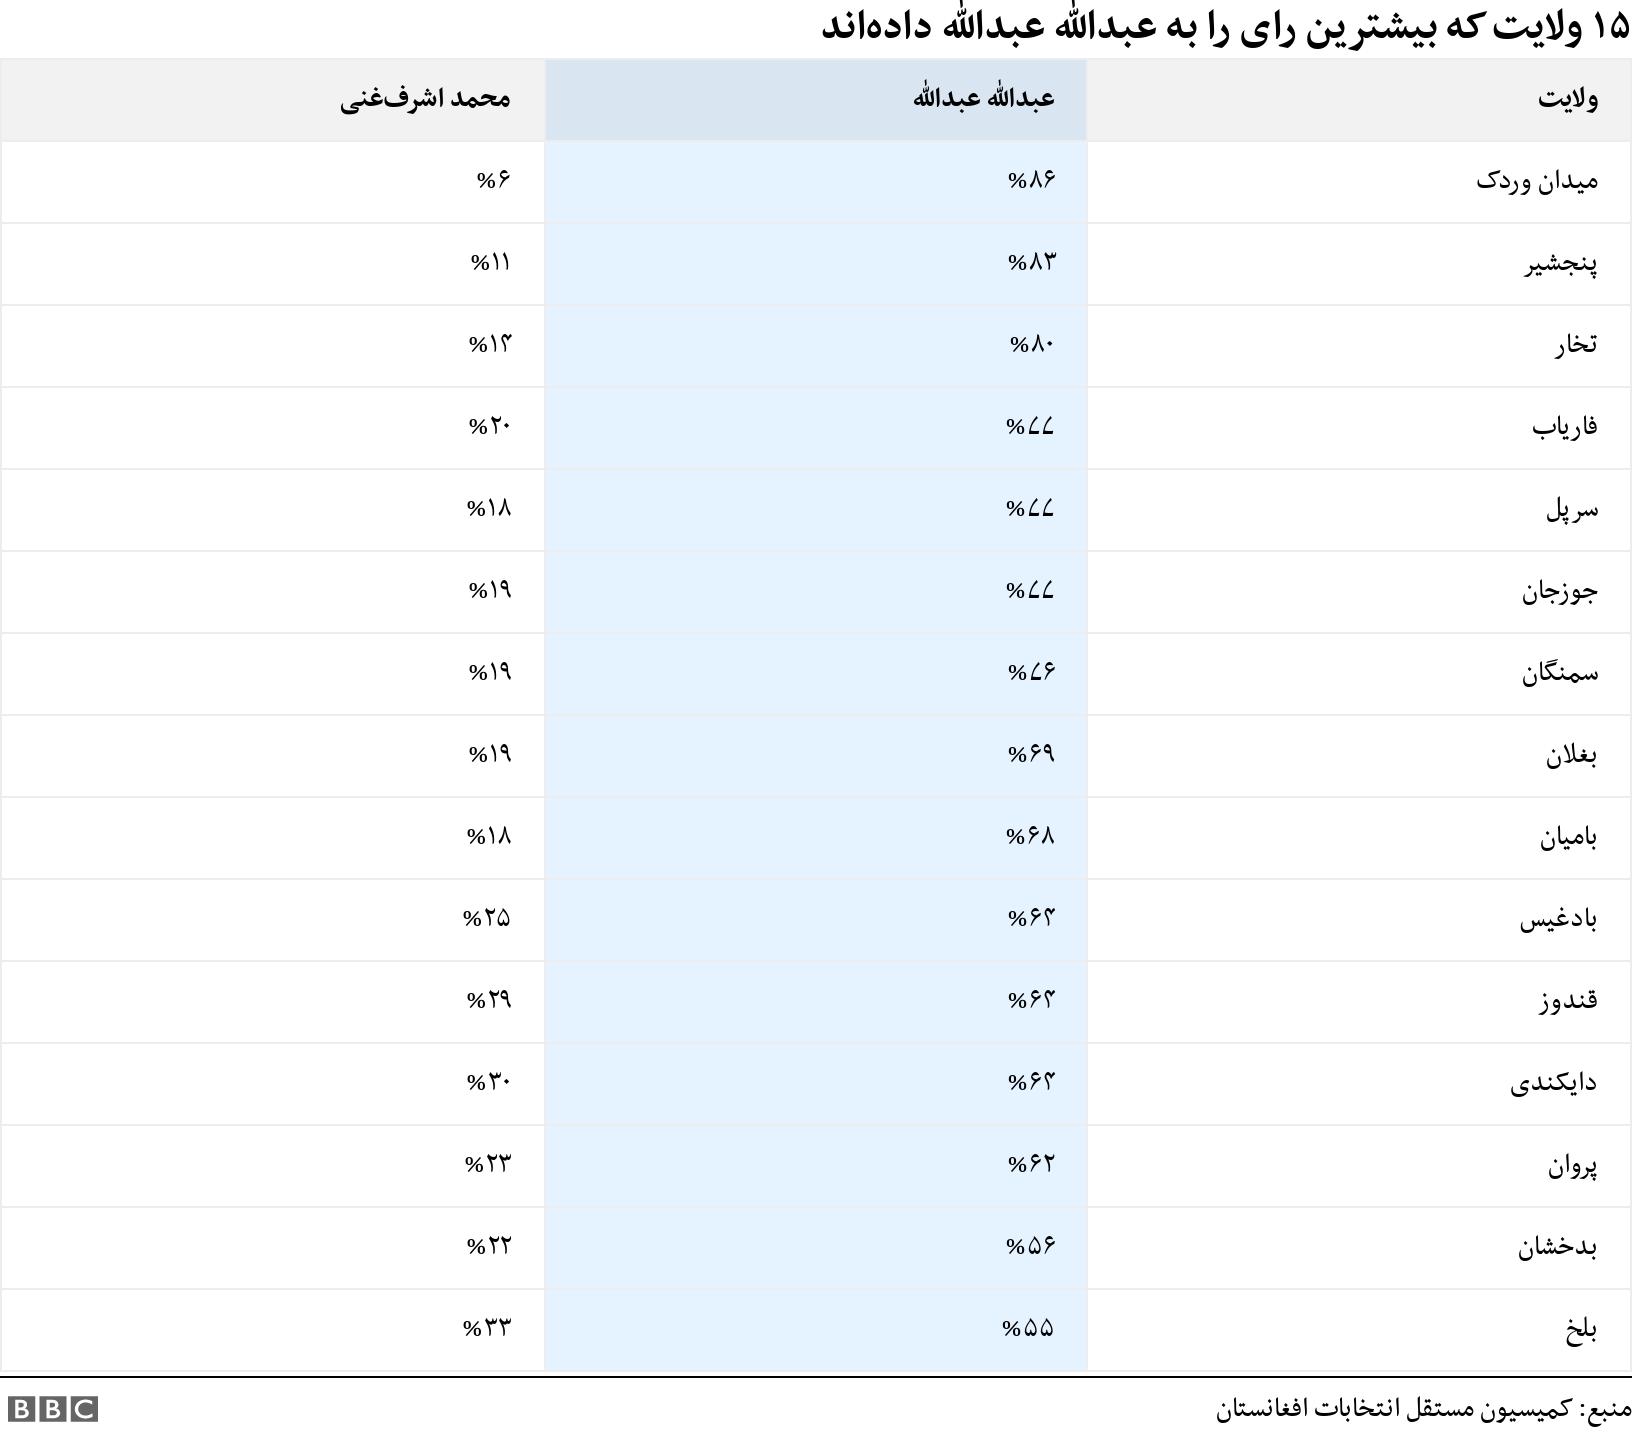 ۱۵ ولایت که بیشترین رای را به عبدالله عبدالله دادهاند. .  .